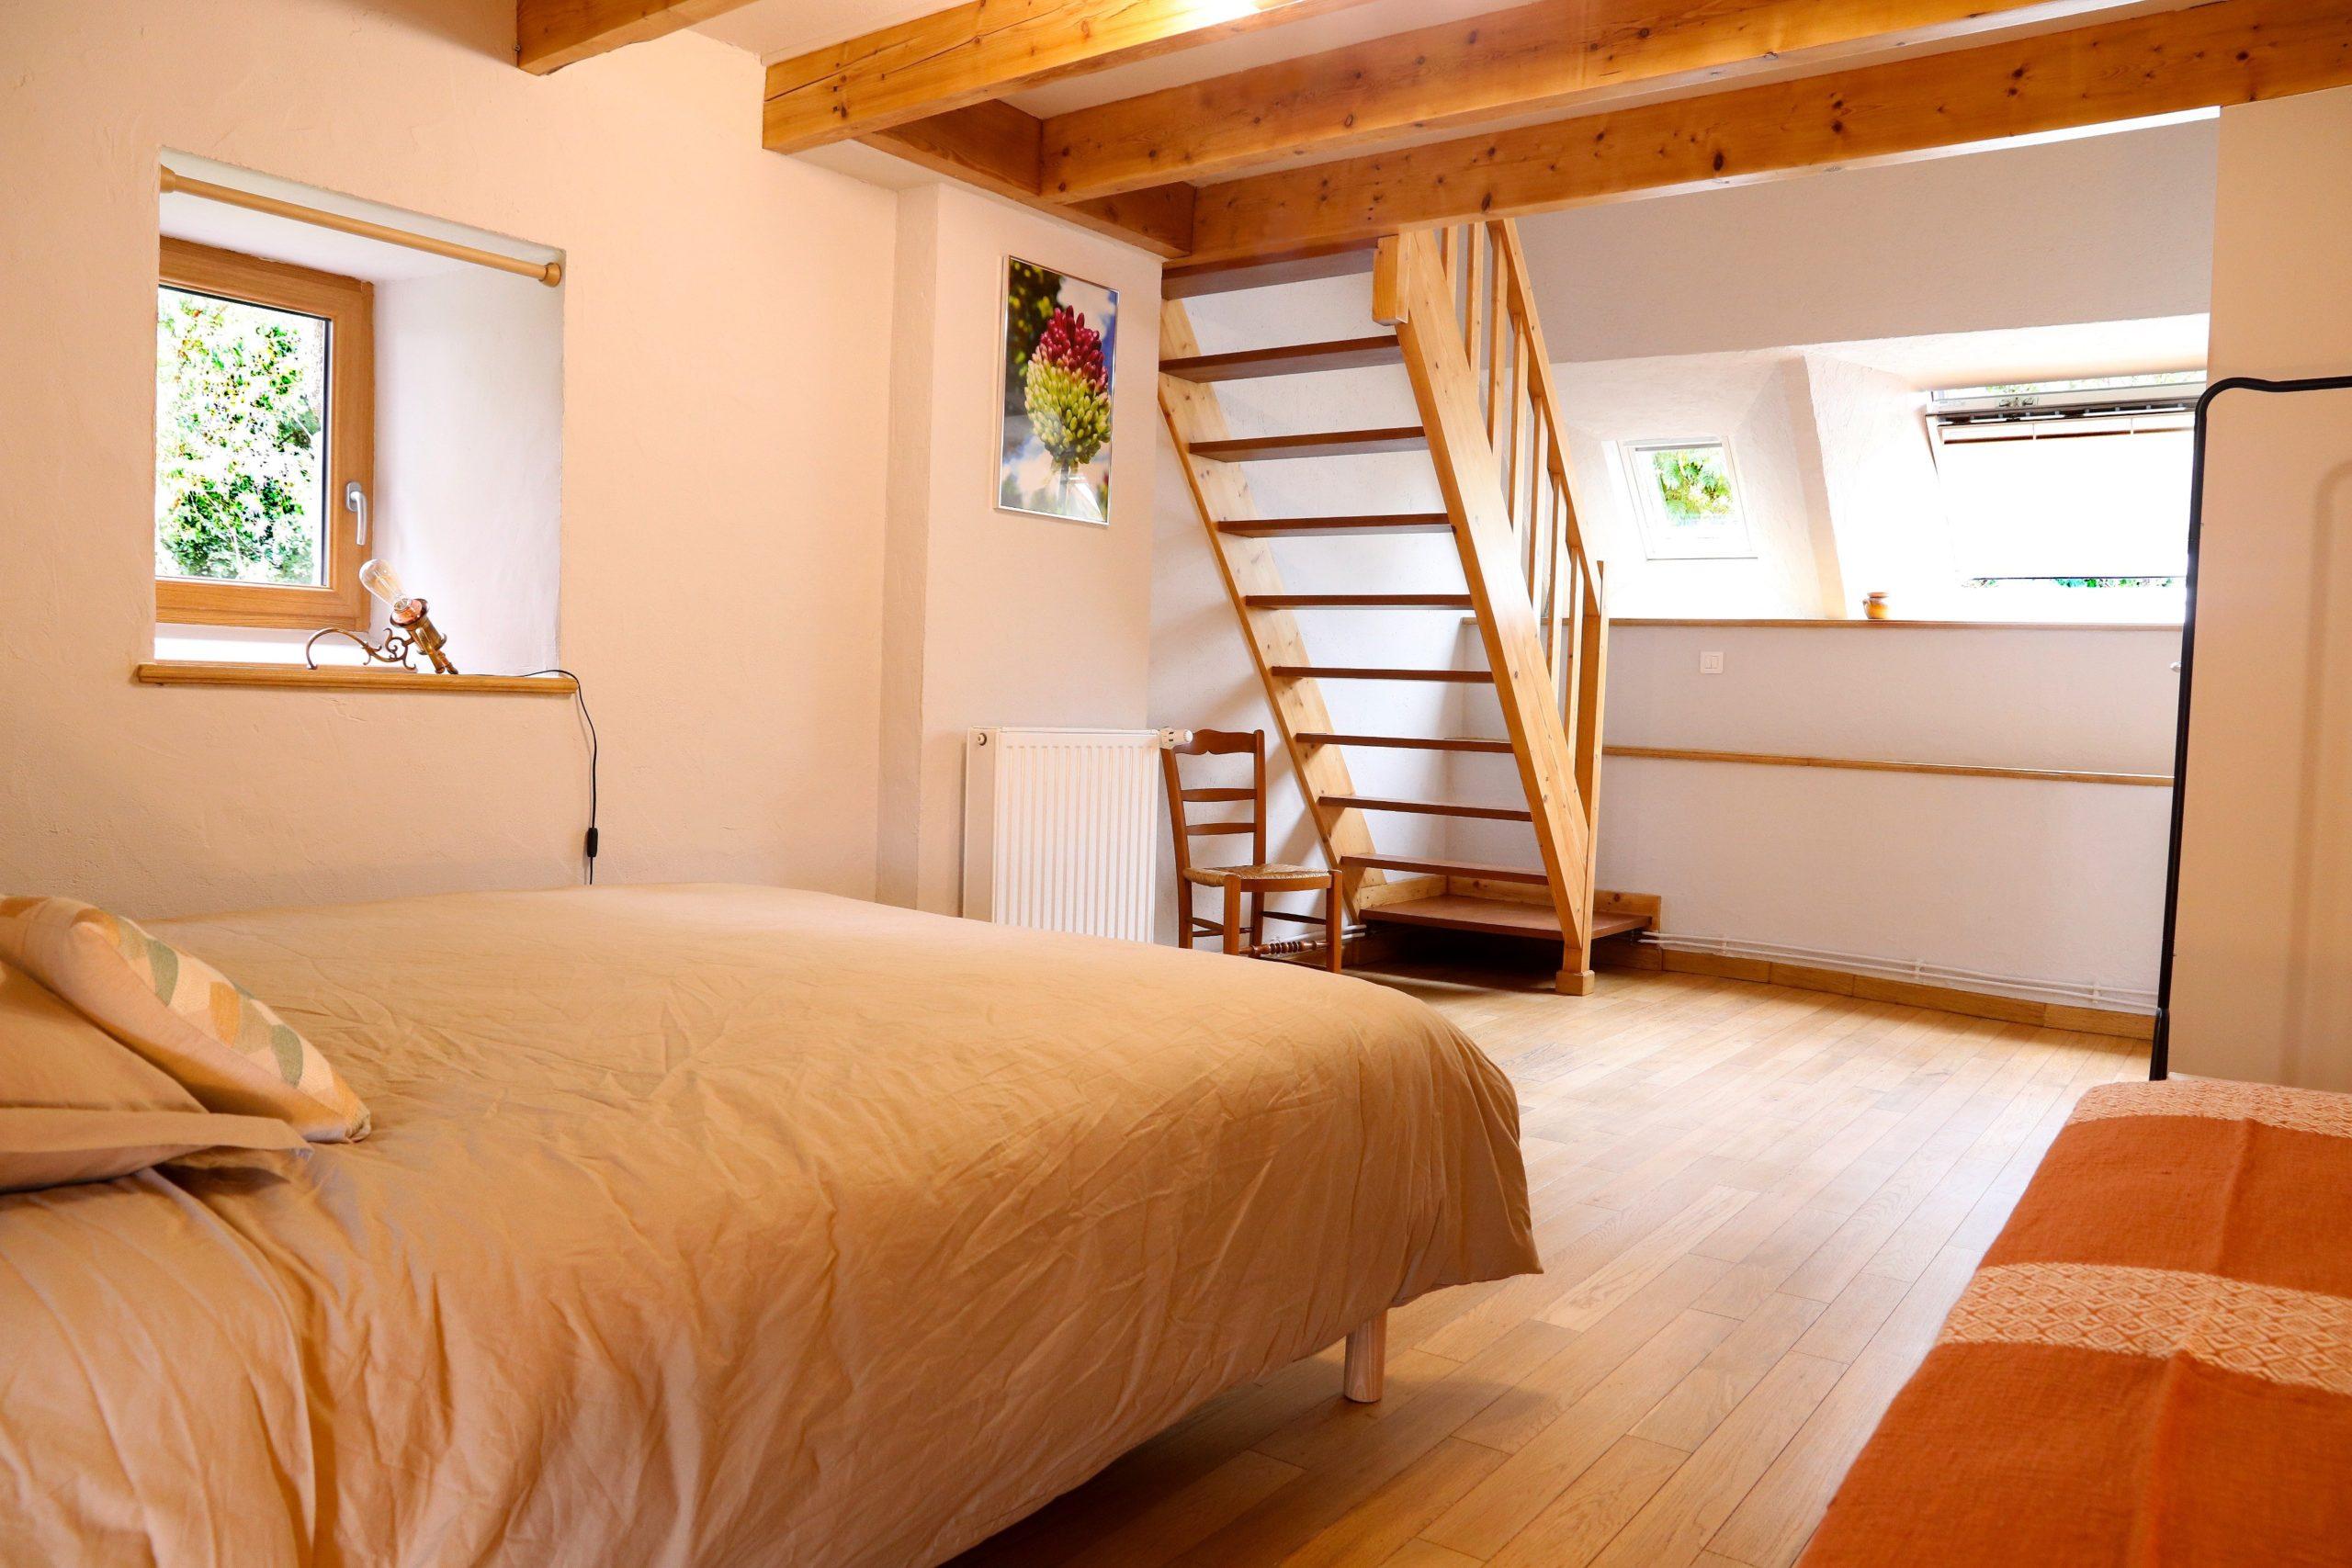 20. chambre 3 clairière vue sur escalier